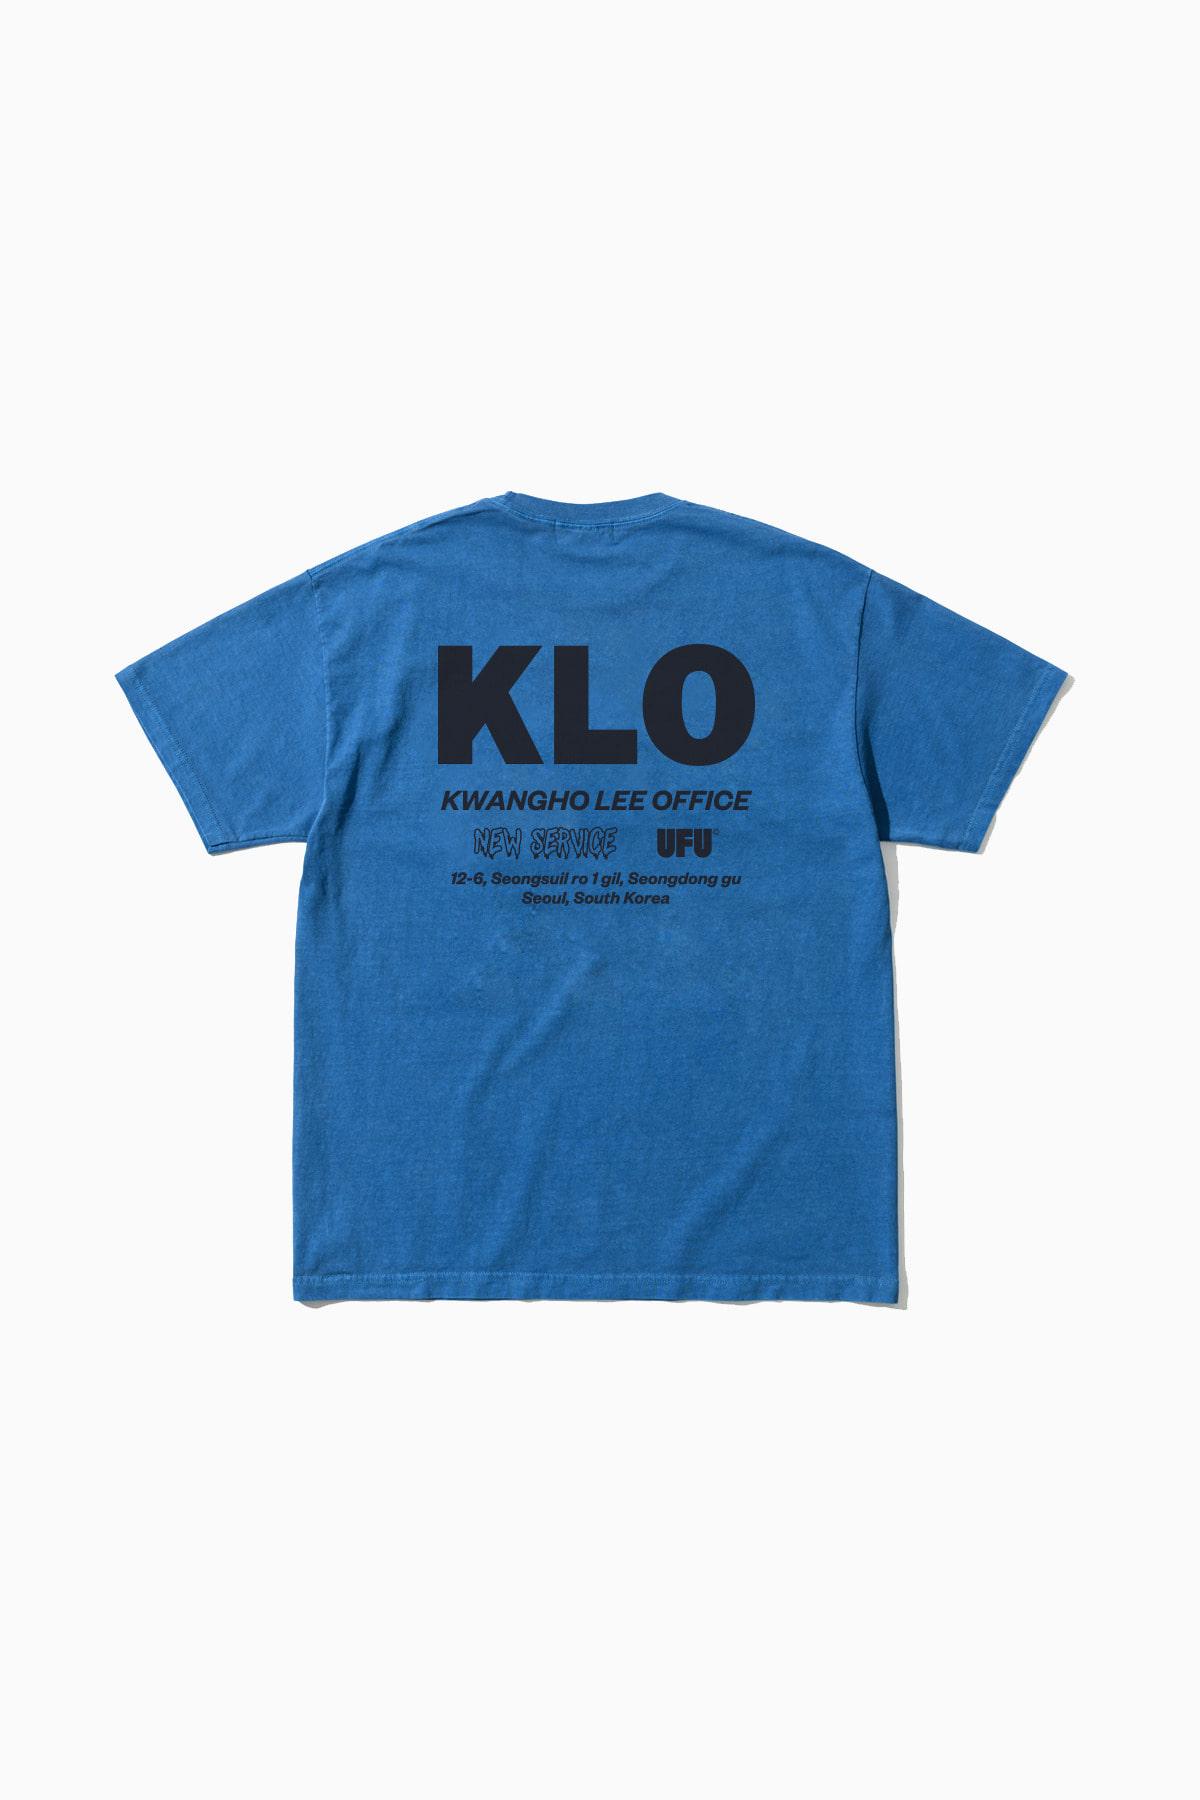 UFU X KWANGHO LEE NEW SERVICE T-SHIRT_BLUE